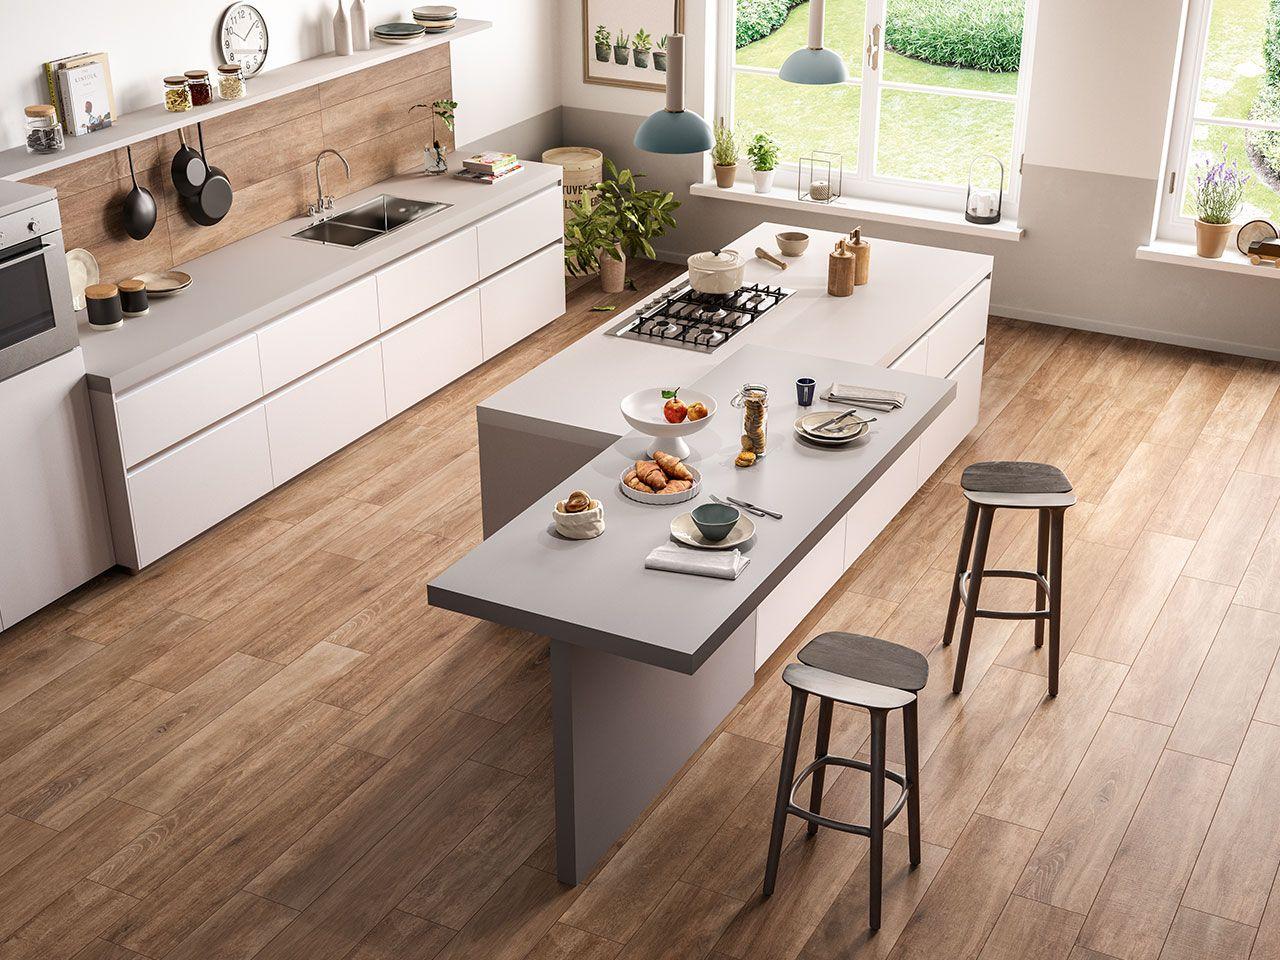 Piastrella lodge walnut 24x120 gres effetto legno rustico for Pavimenti per cucina e soggiorno